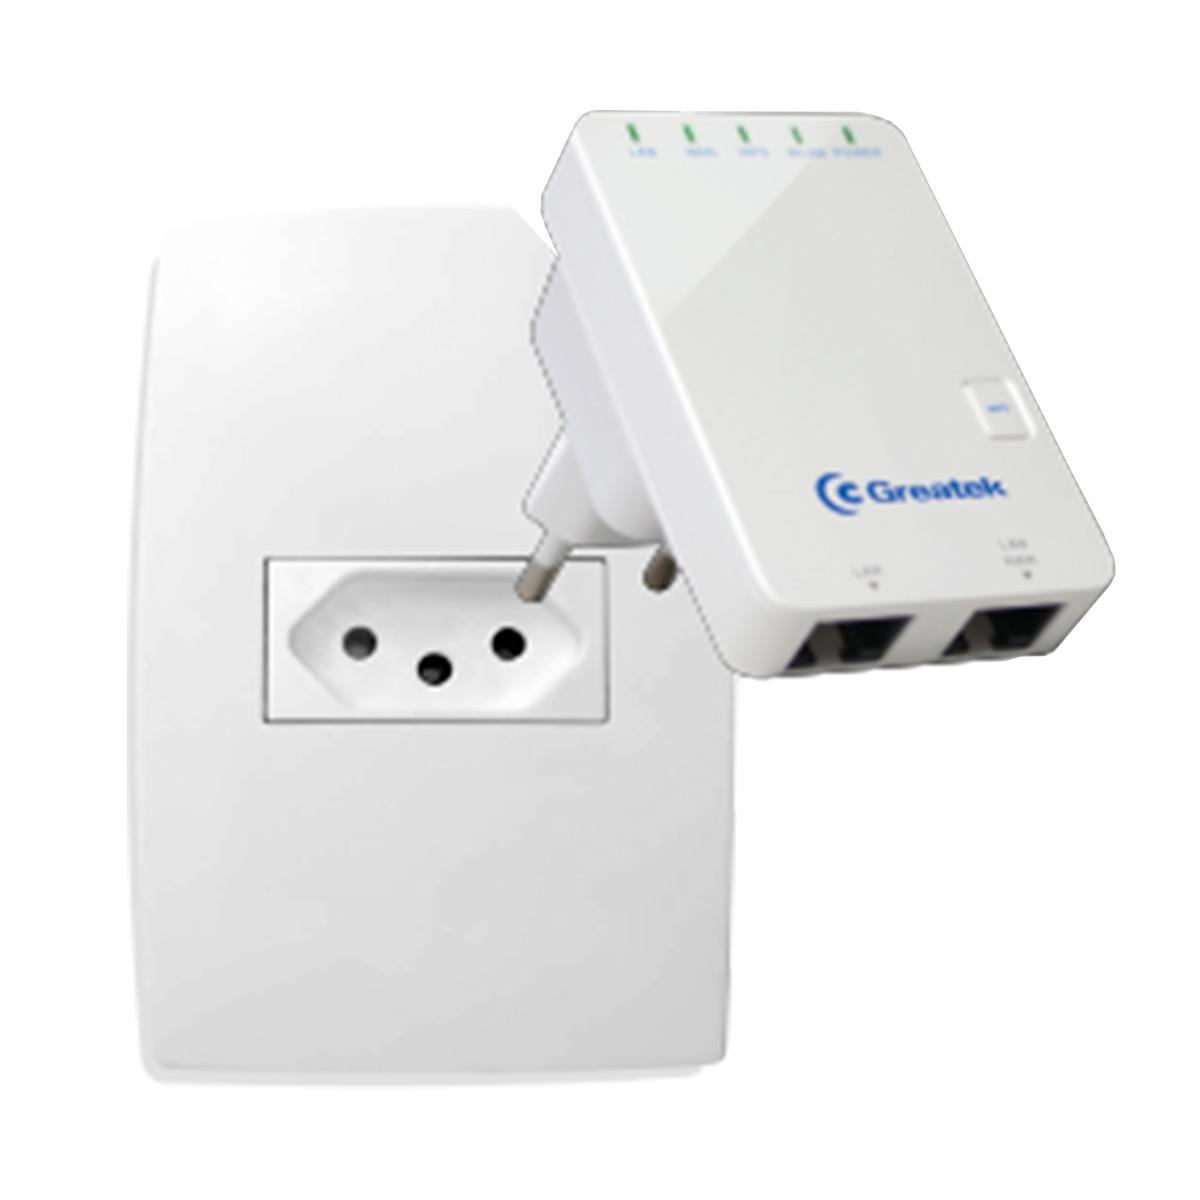 Repetidor WiFi 300Mbps - WR 3300 N Greatek